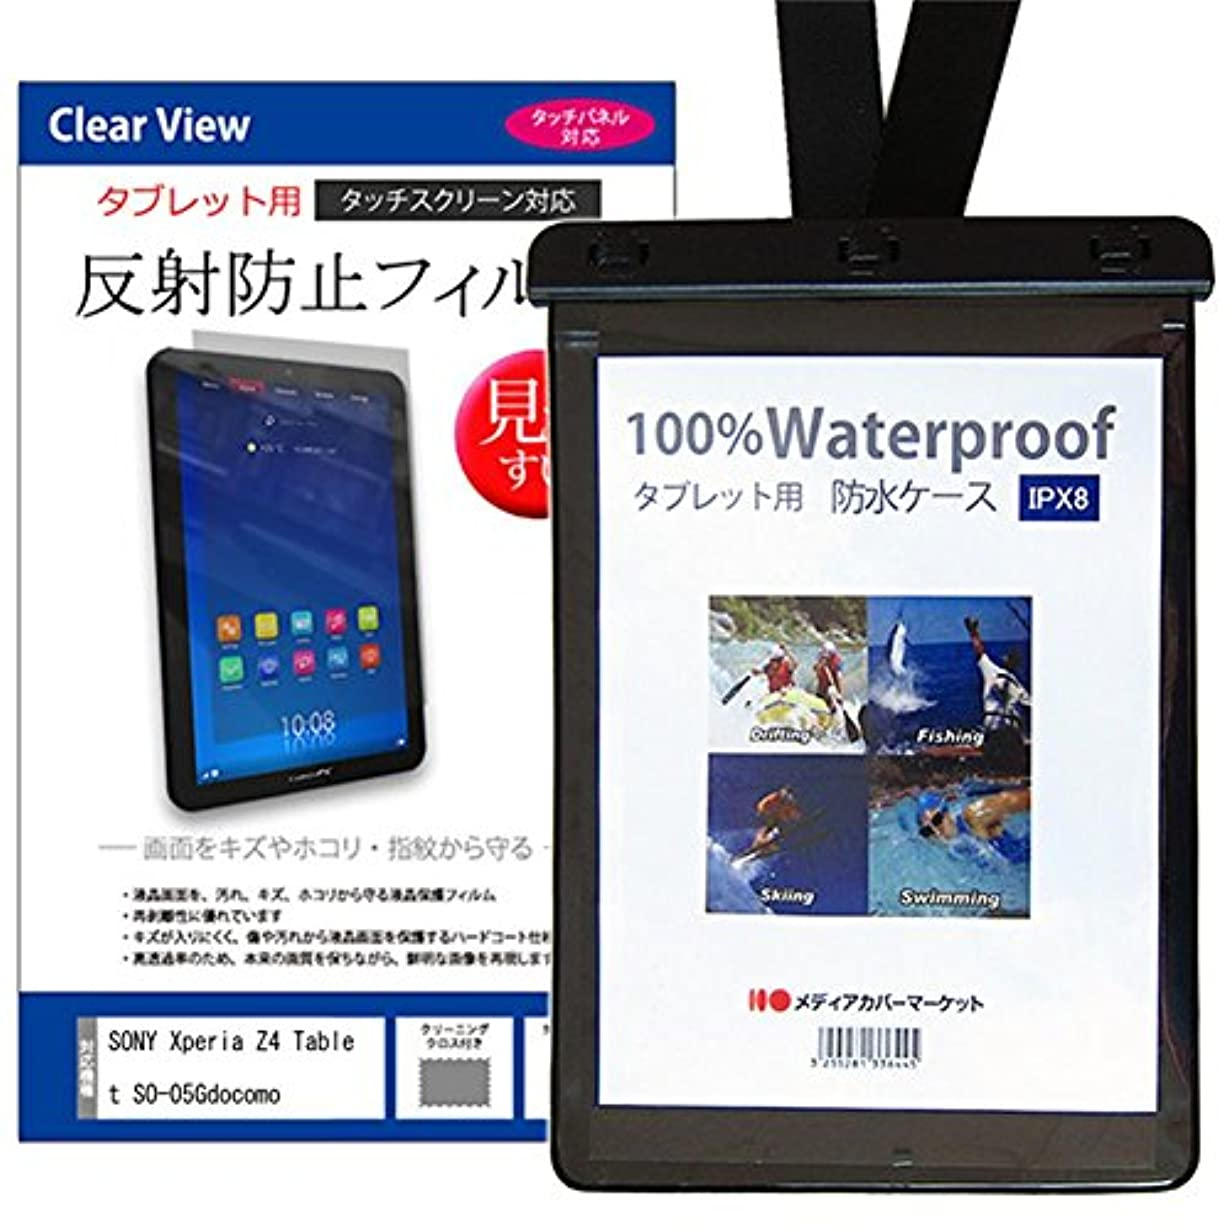 メキシコ確率飛び込むメディアカバーマーケット SONY Xperia Z4 Tablet SO-05G docomo[10.1インチ(2560x1600)]機種用 【防水ケース と 反射防止液晶保護フィルム のセット】 お風呂場 キッチン 海 プール